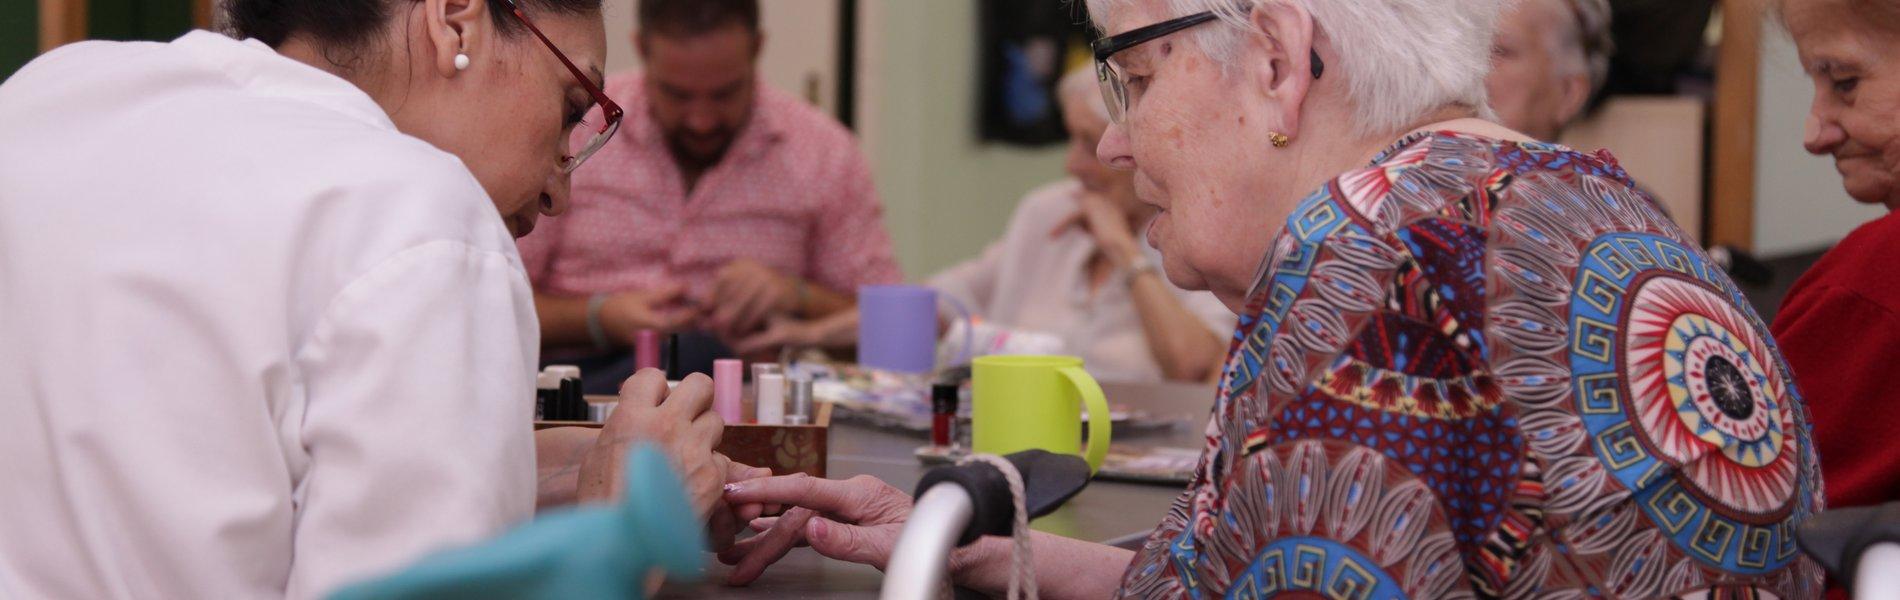 Gestió de residències i centres de dia per gent gran Accent Social